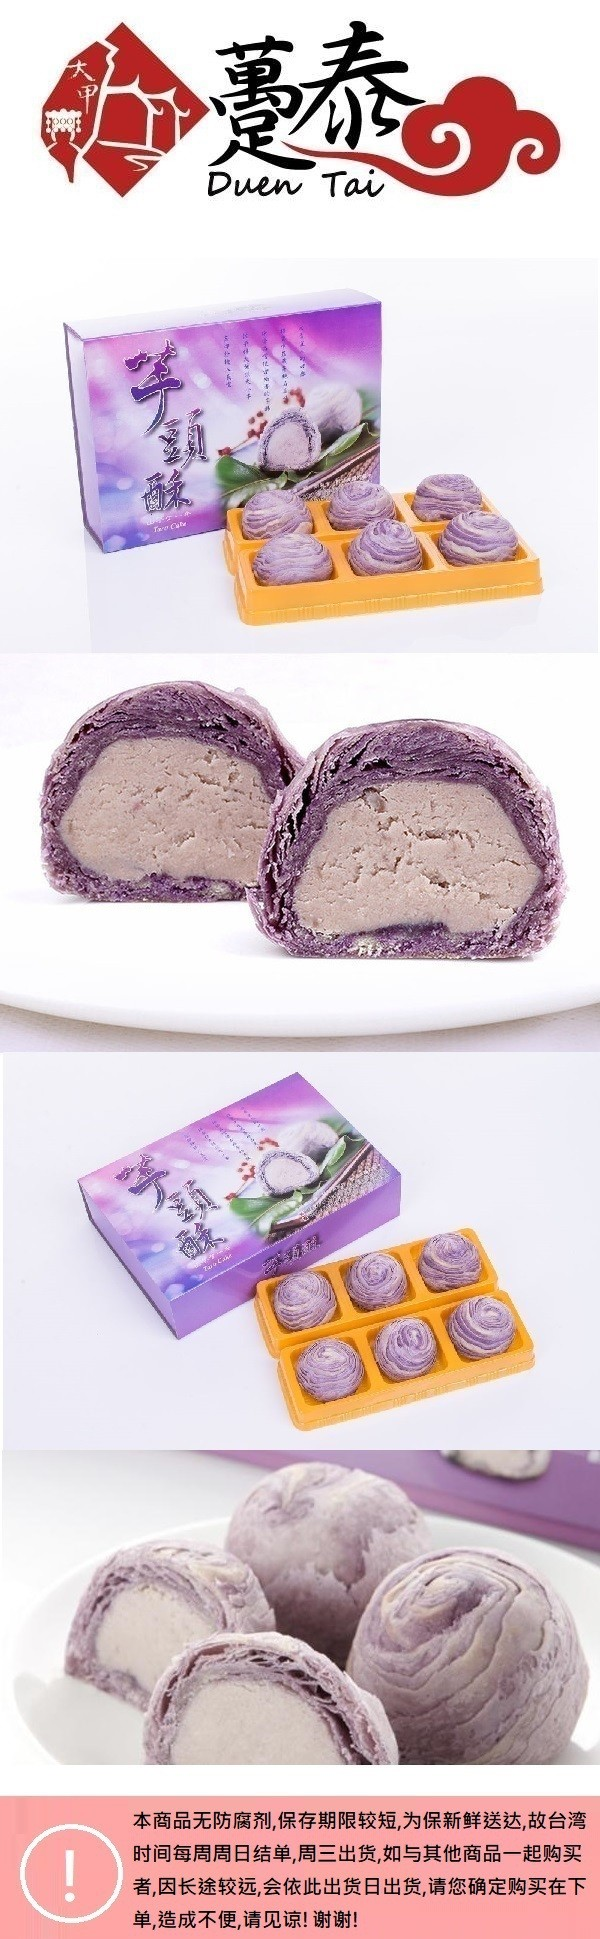 [台湾直邮]      台湾趸泰食品 芋头酥300g/6枚入